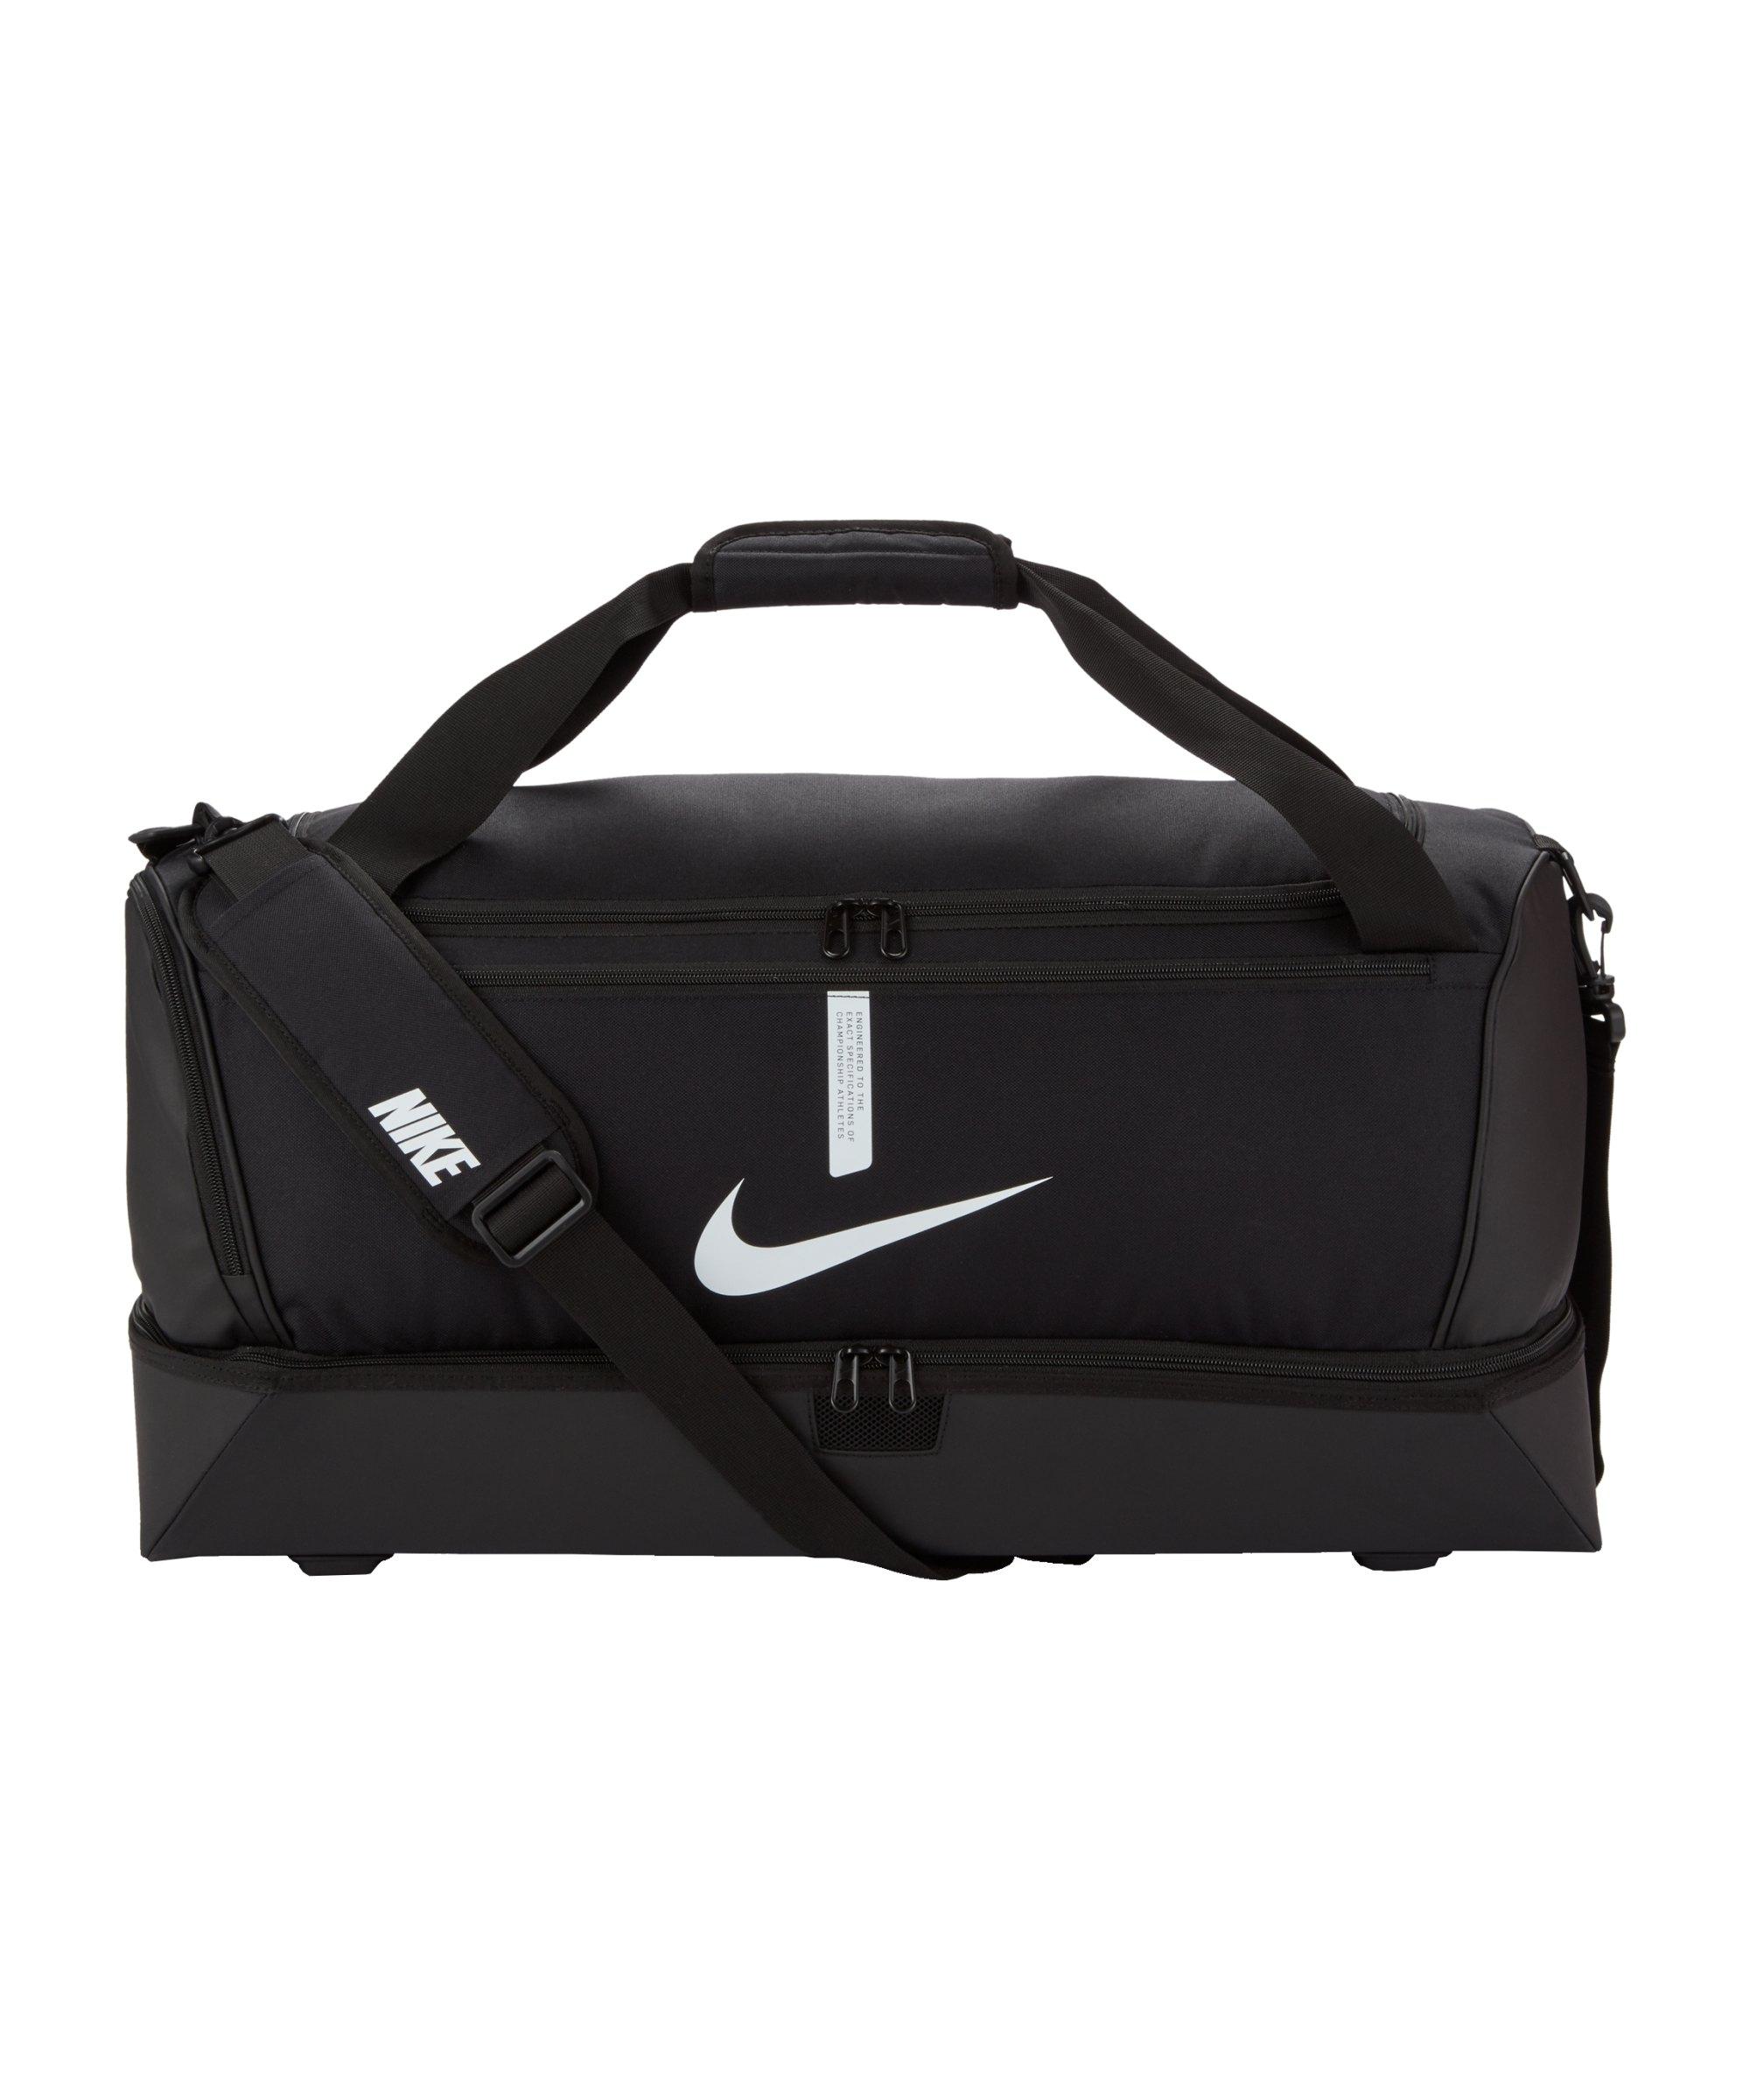 Nike Academy Team Duffel Tasche Large Schwarz F010 - schwarz